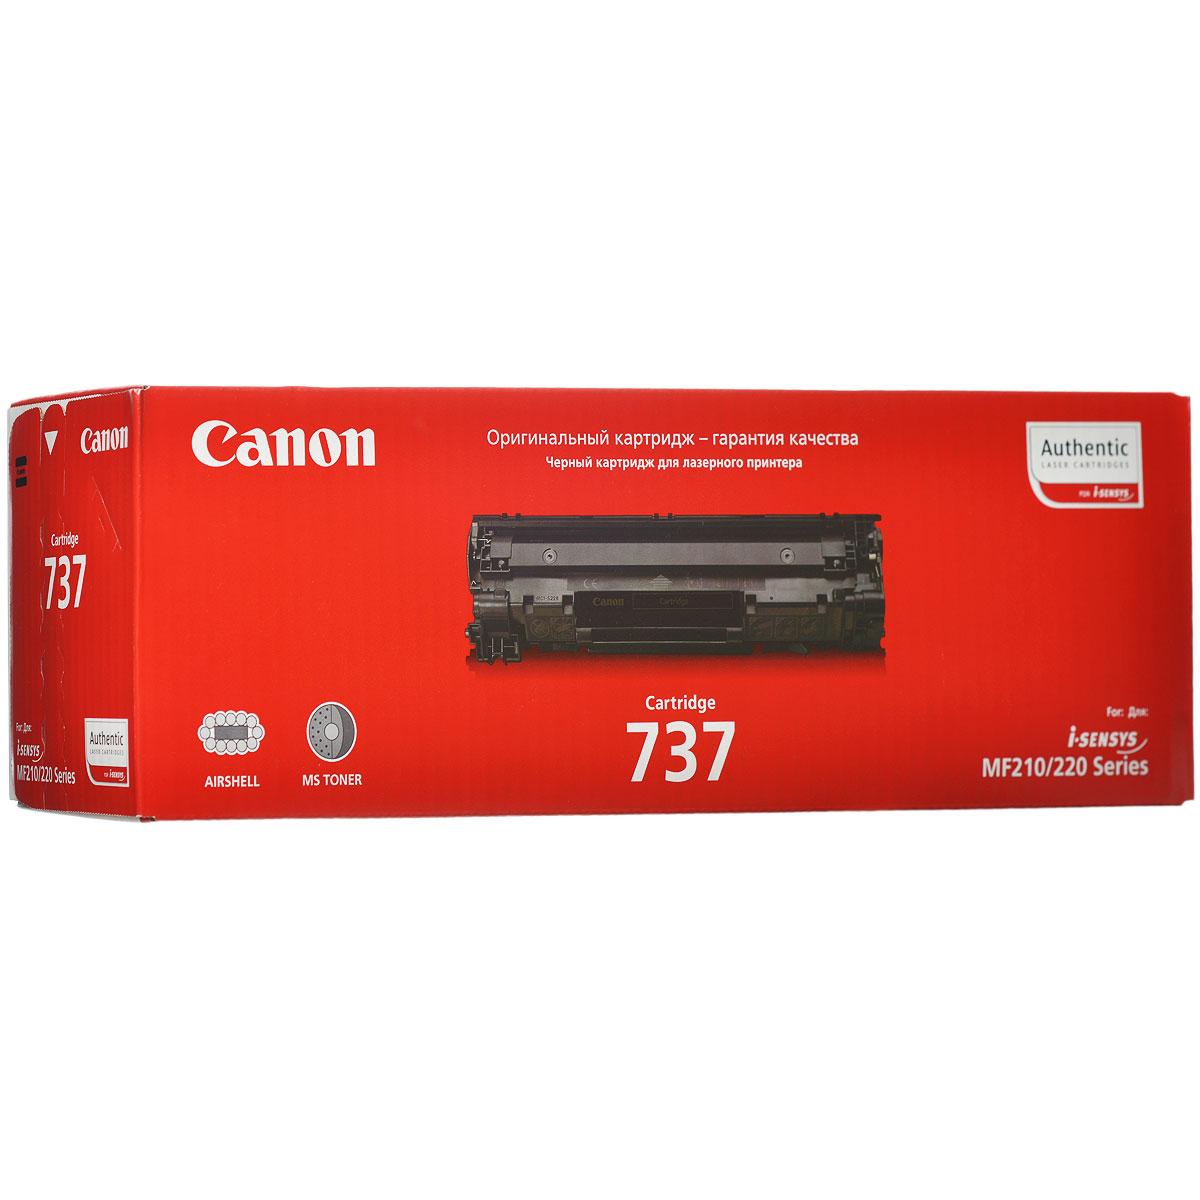 Canon 737 (9435B004) тонер-картридж для Canon MF 211/212w/216n/217w/226dn/229dw9435B004Получайте красивые монохромные отпечатки без полос с помощью картриджа 737 Bk, который идеально подходит для принтера Canon i-SENSYS MF211 и рассчитан приблизительно на 2400 страниц.